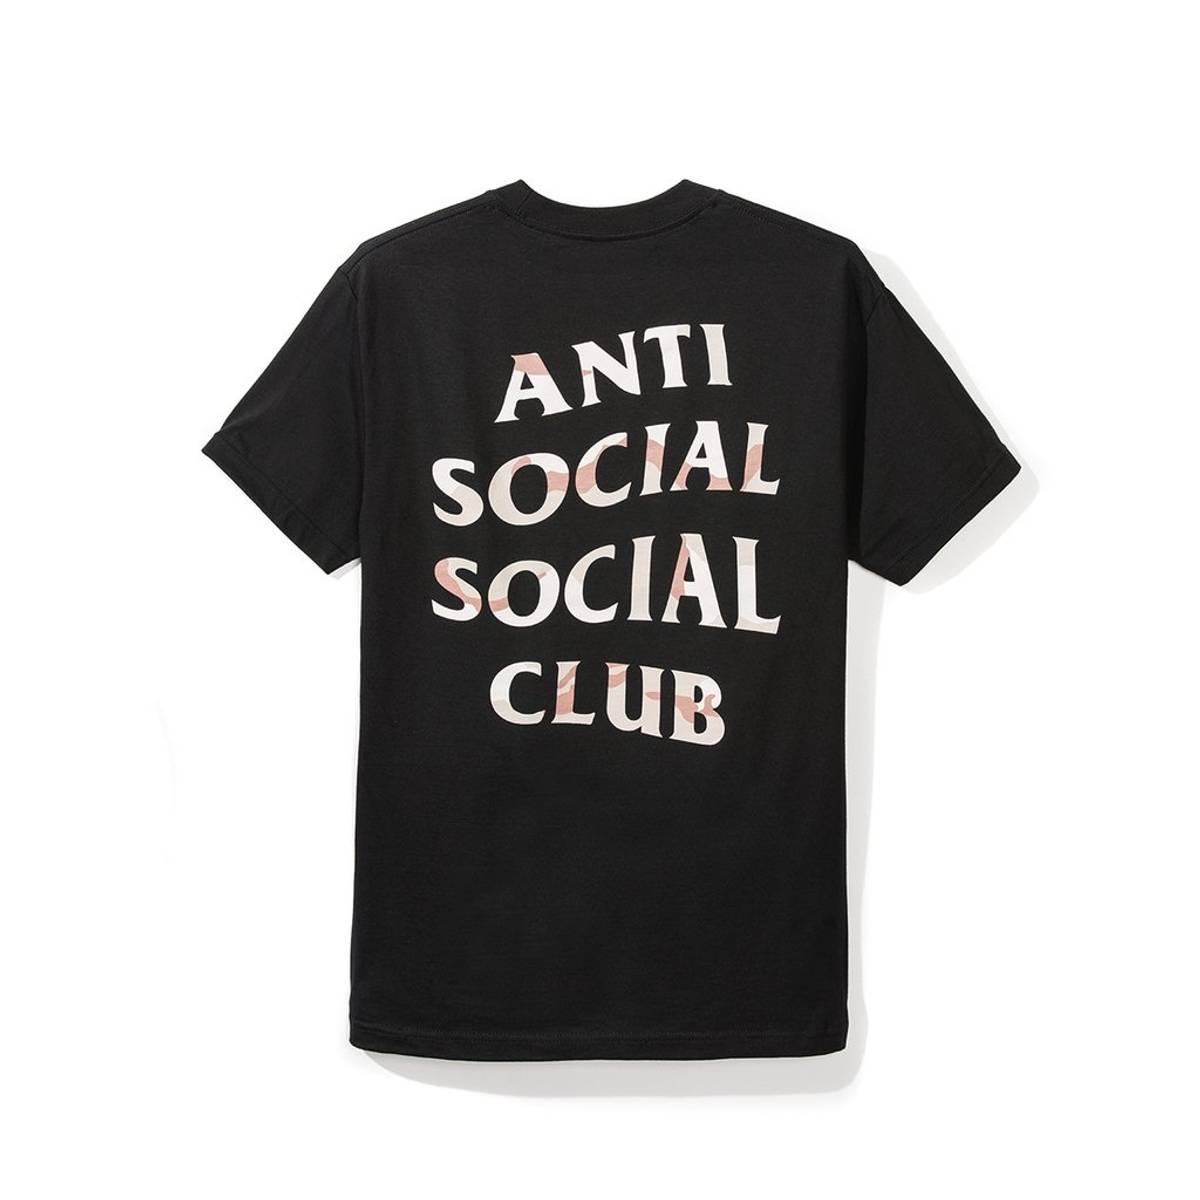 db07f708d9b2 Antisocial Social Club (m) Storm Black Tee